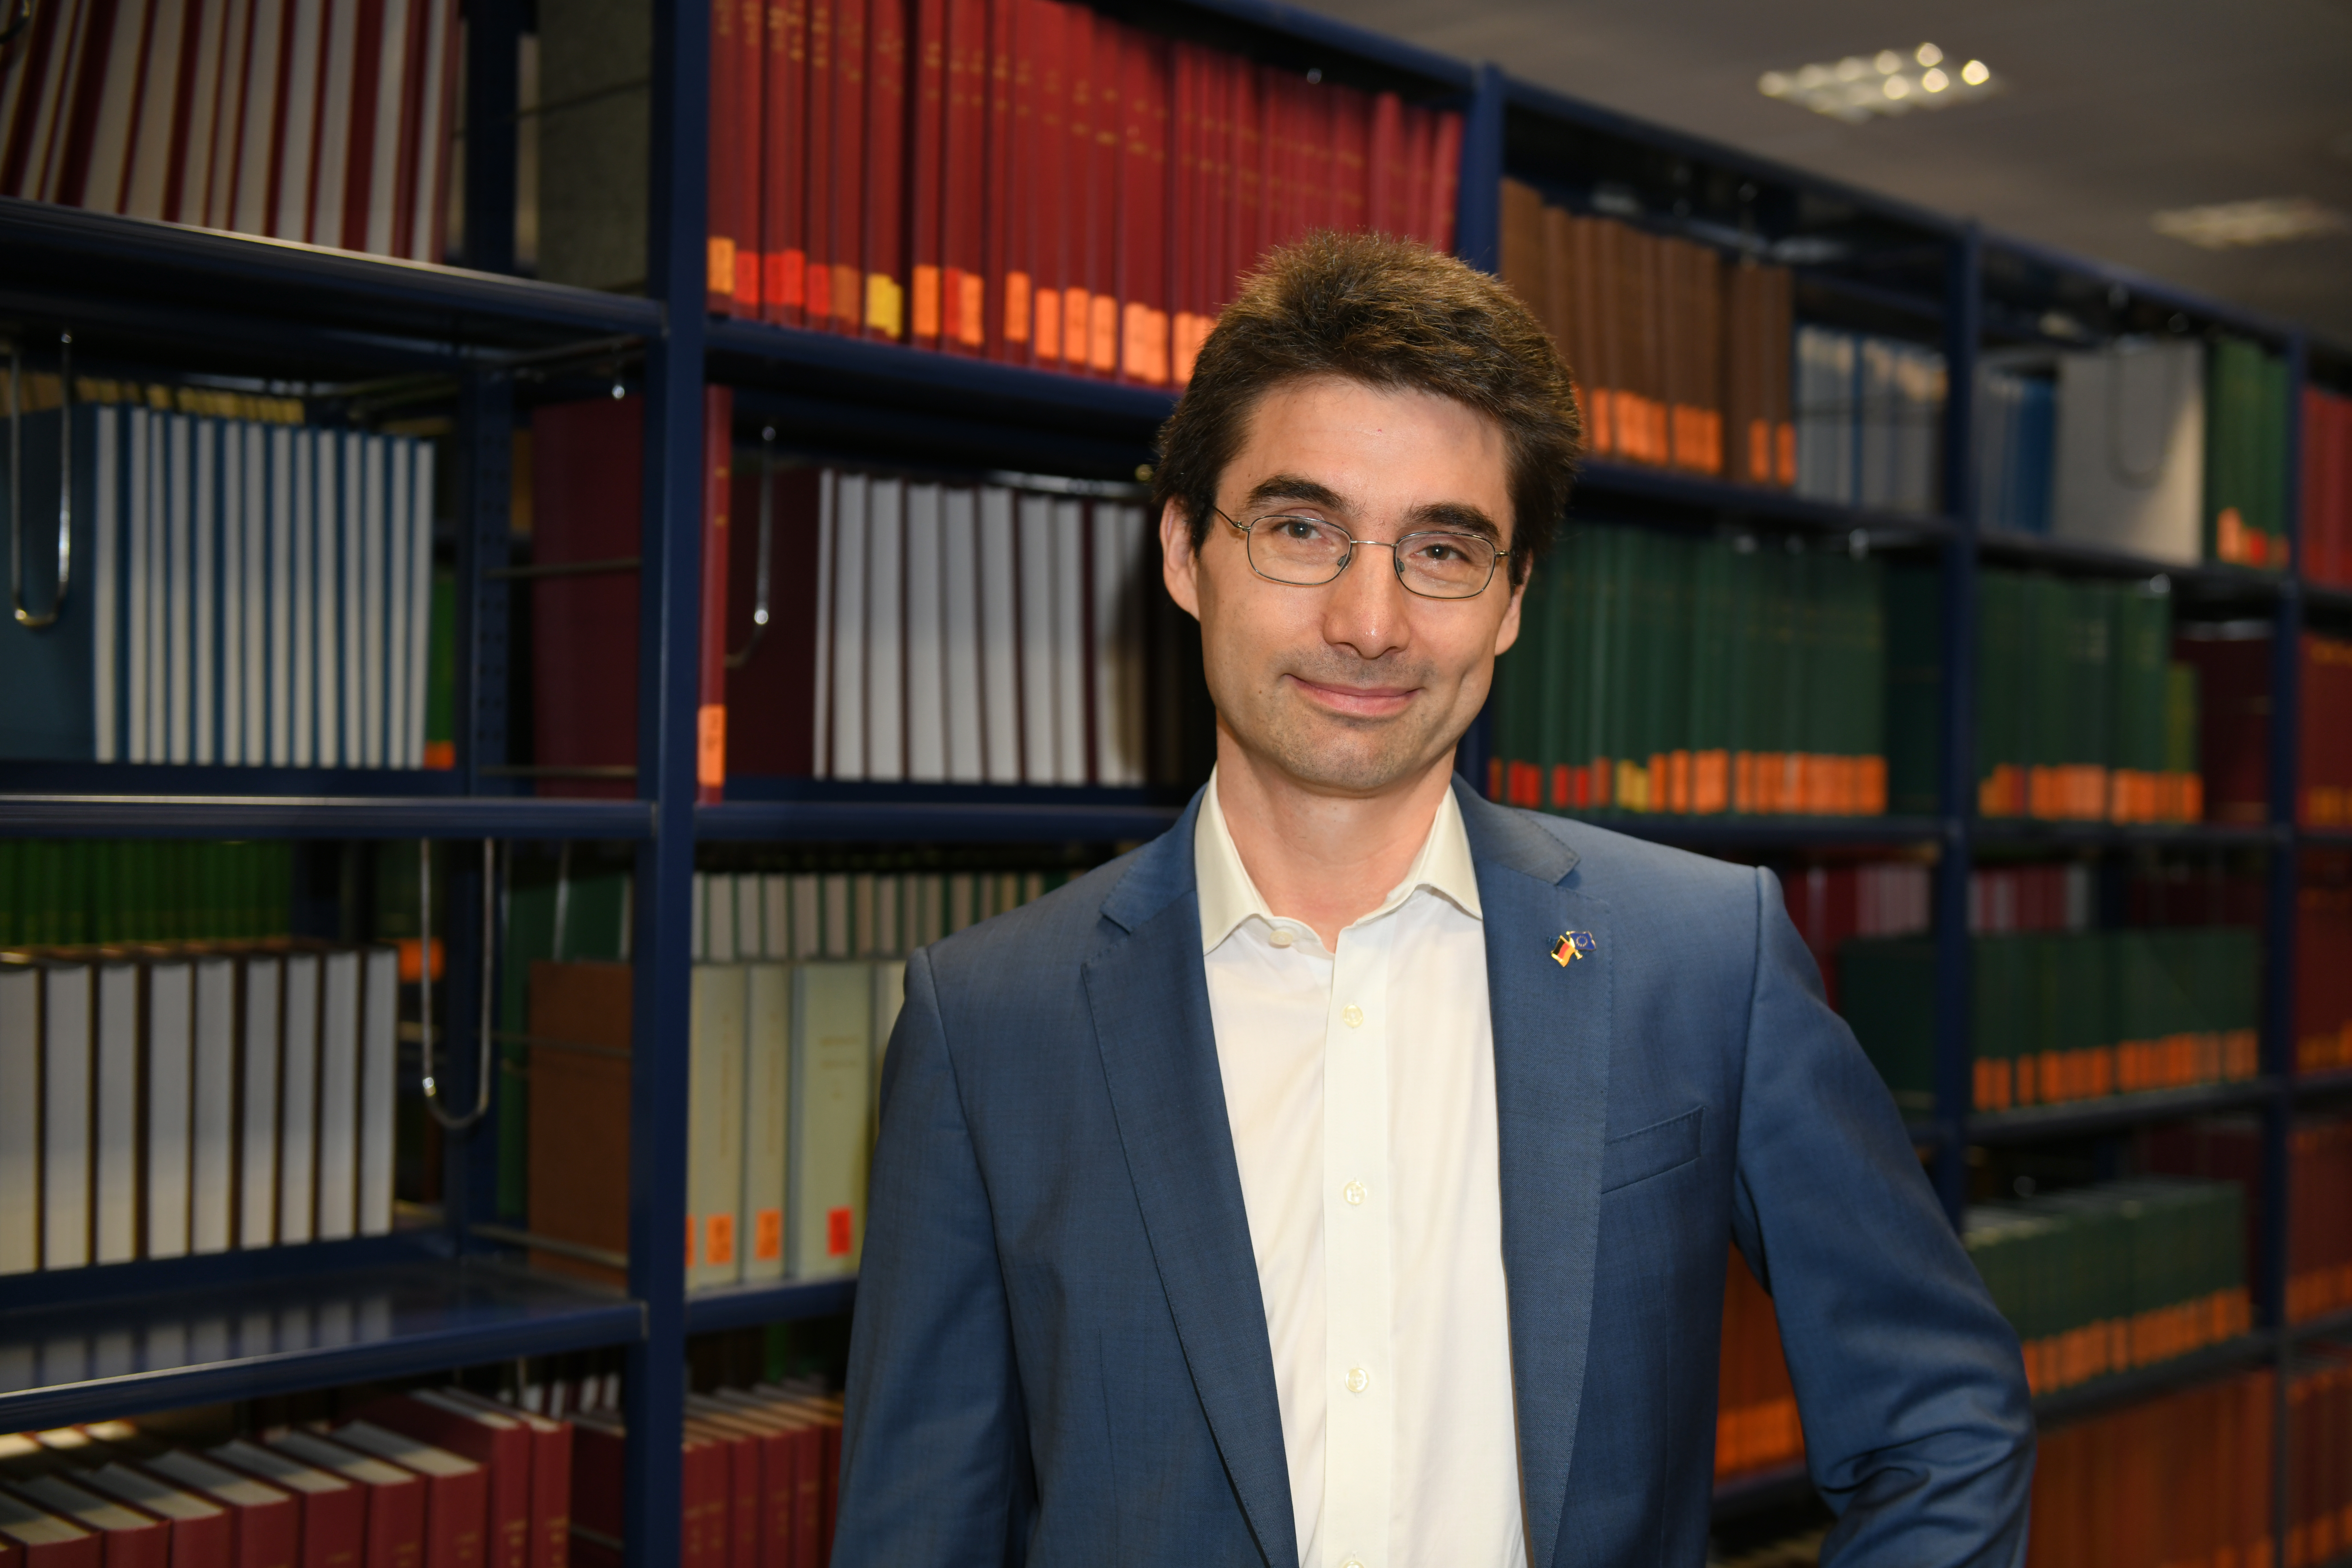 Ein Mann steht vor einem gut gefüllten Bücherregall. Er trägt einen offenen, grauen Anzug ohne Krawatte